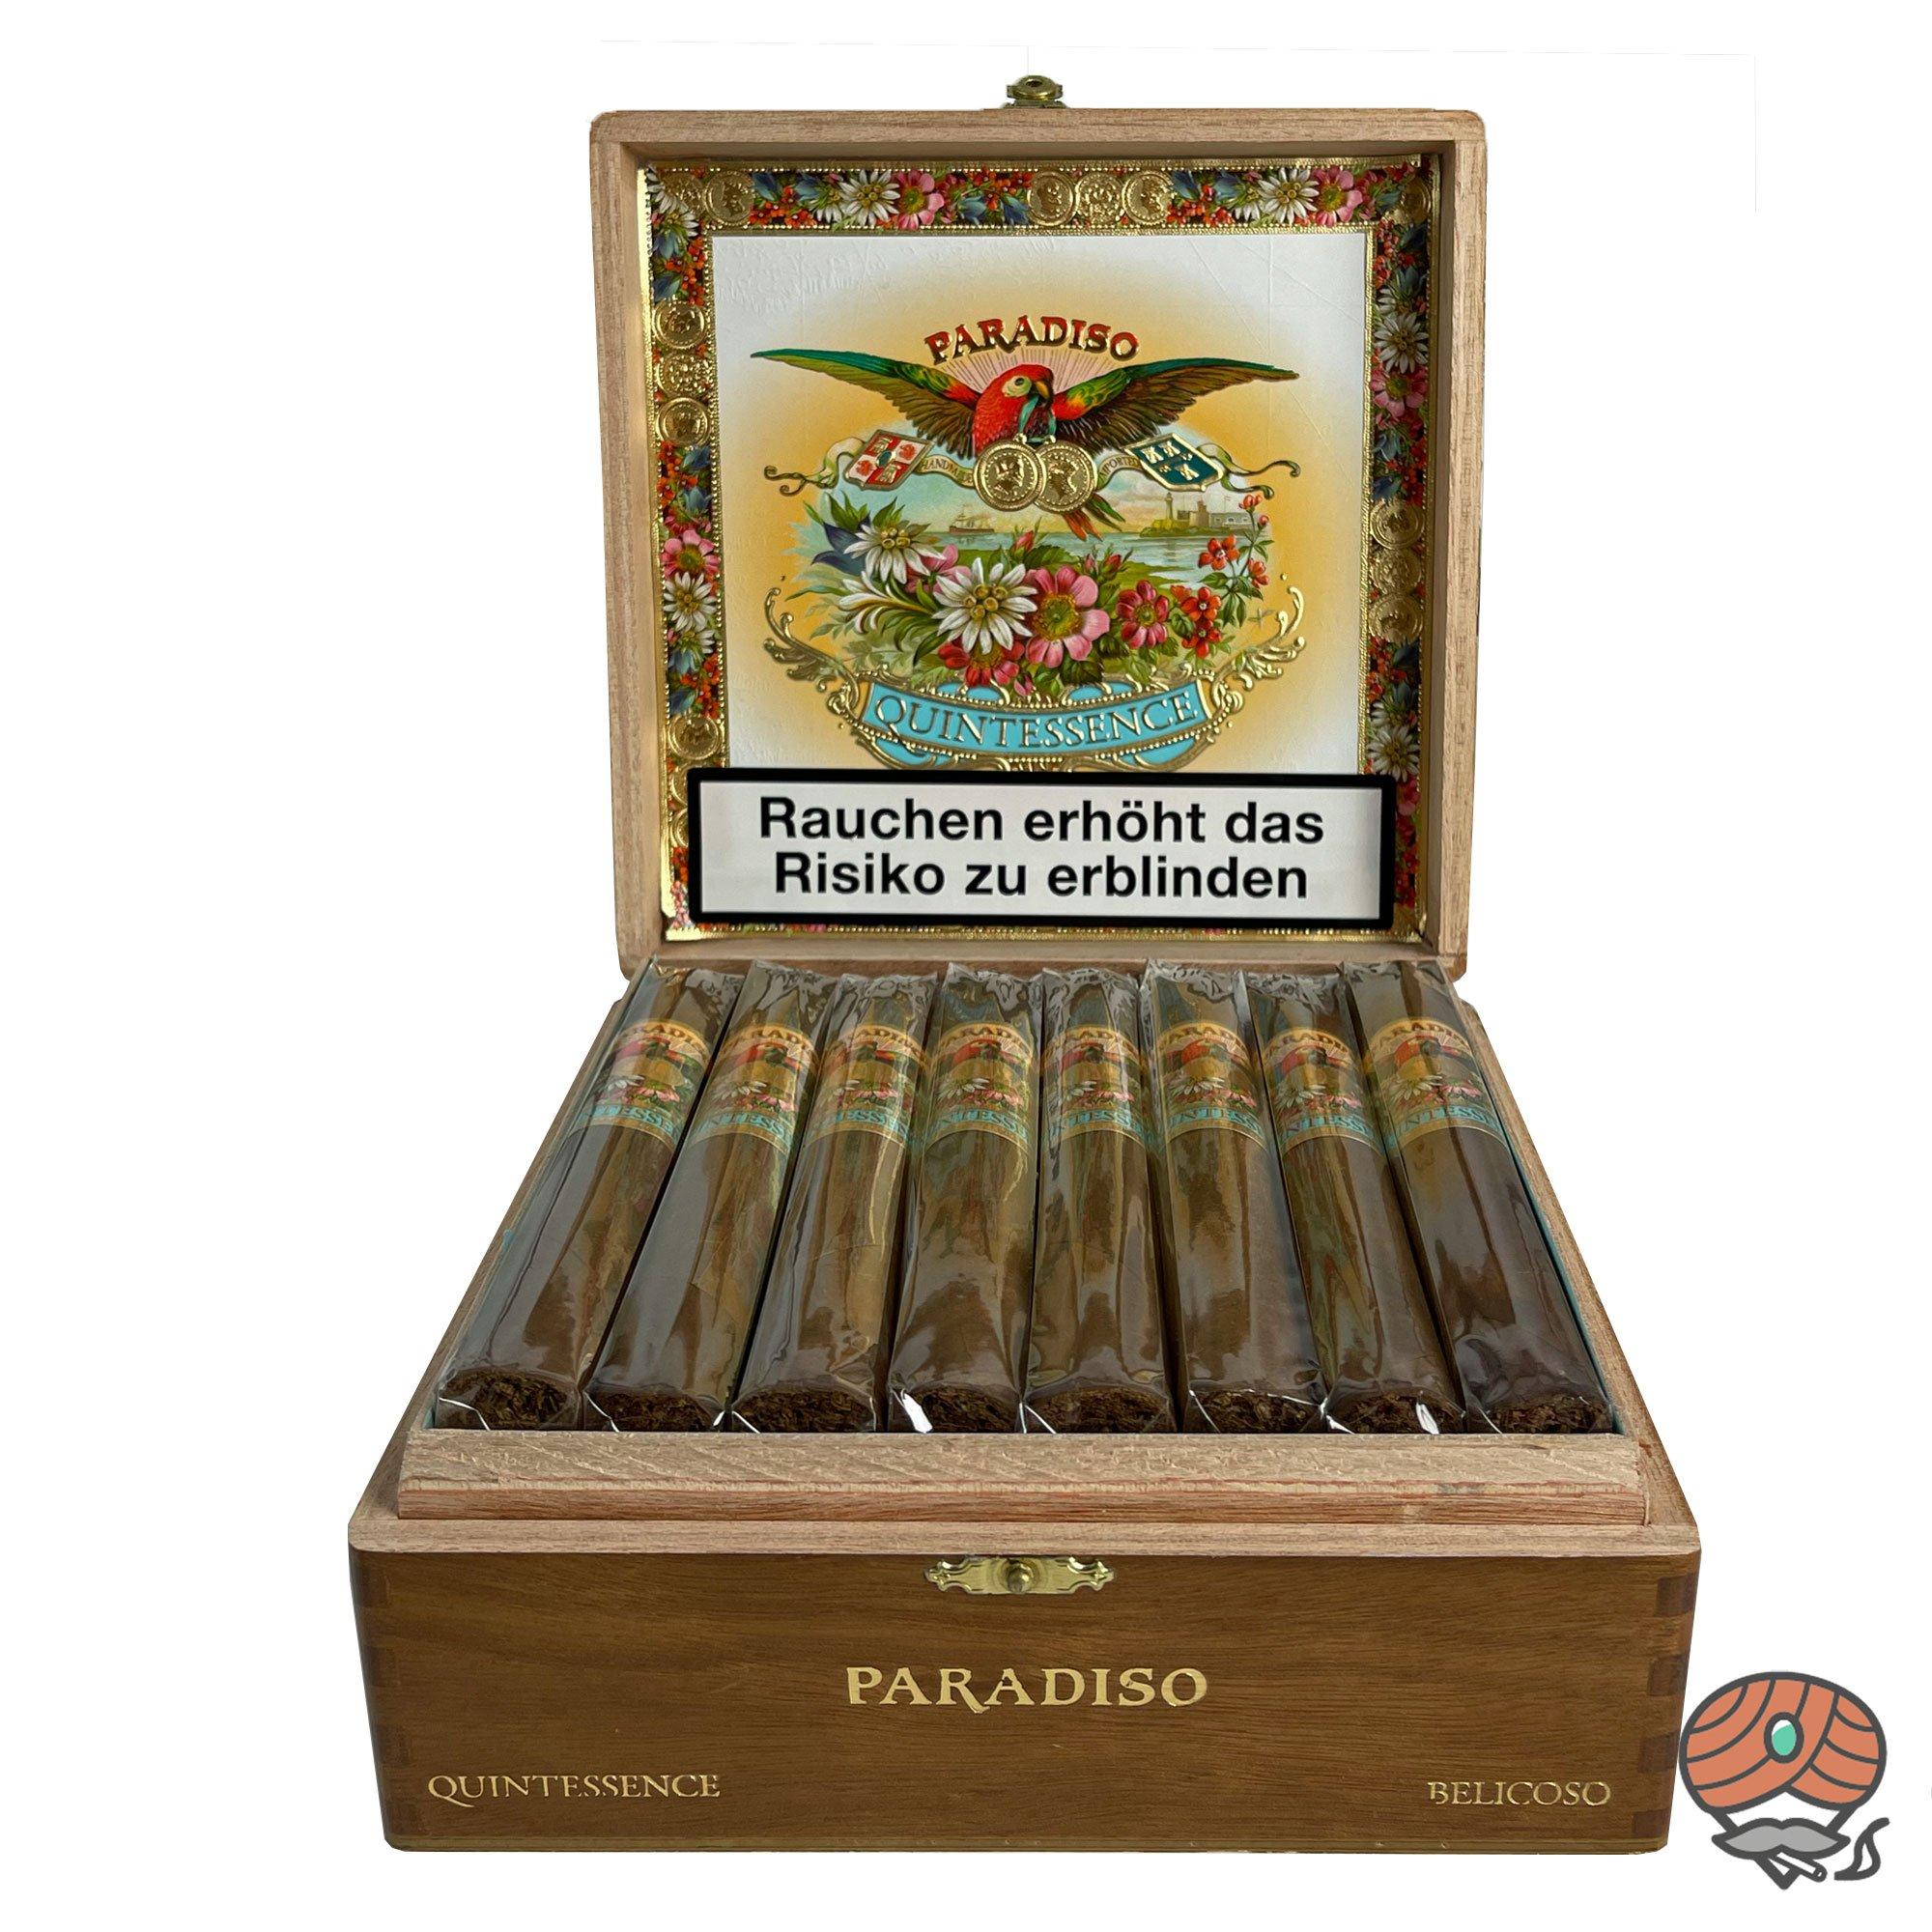 Paradiso Quintessence Belicoso Zigarre aus Nicaragua Kiste à 24